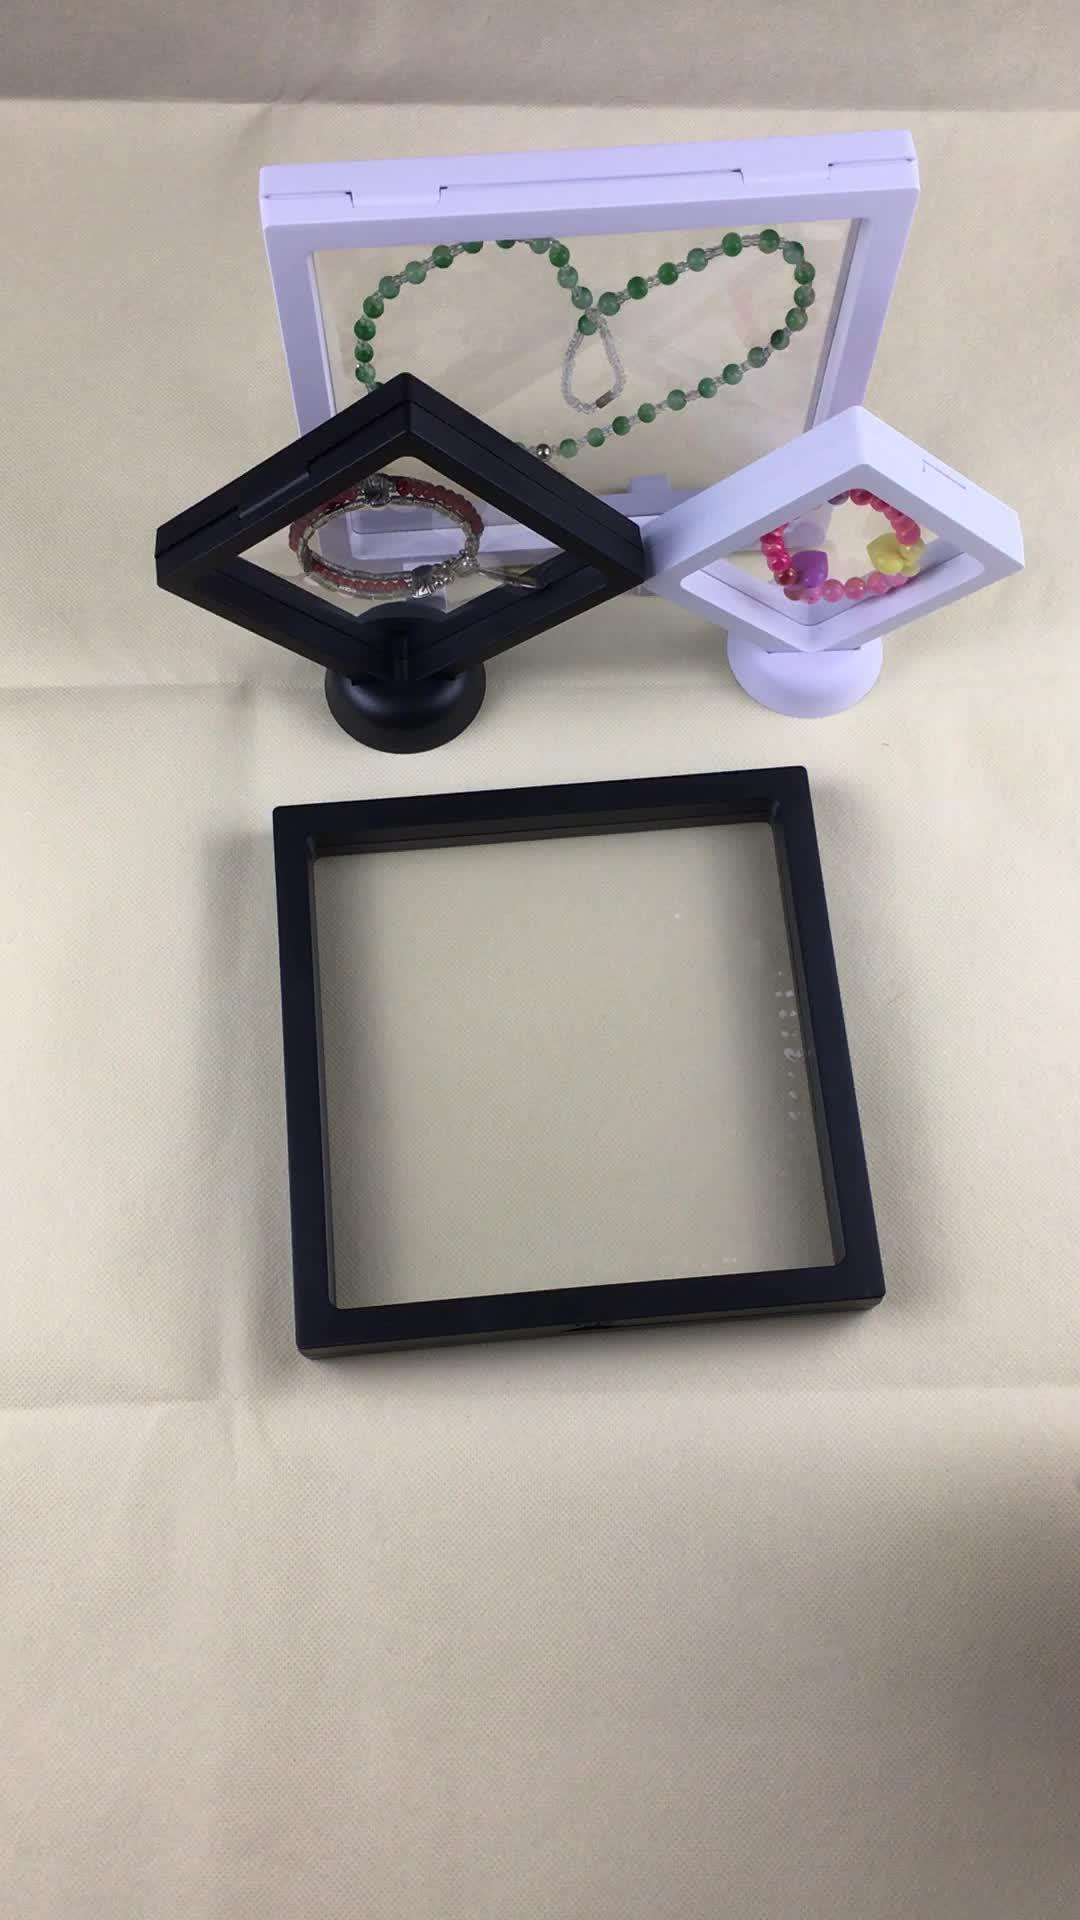 3D Suspension Schwimm Mit PE Transparent und Kunststoff Rahmen Schmuck Verpackung displays set boxen